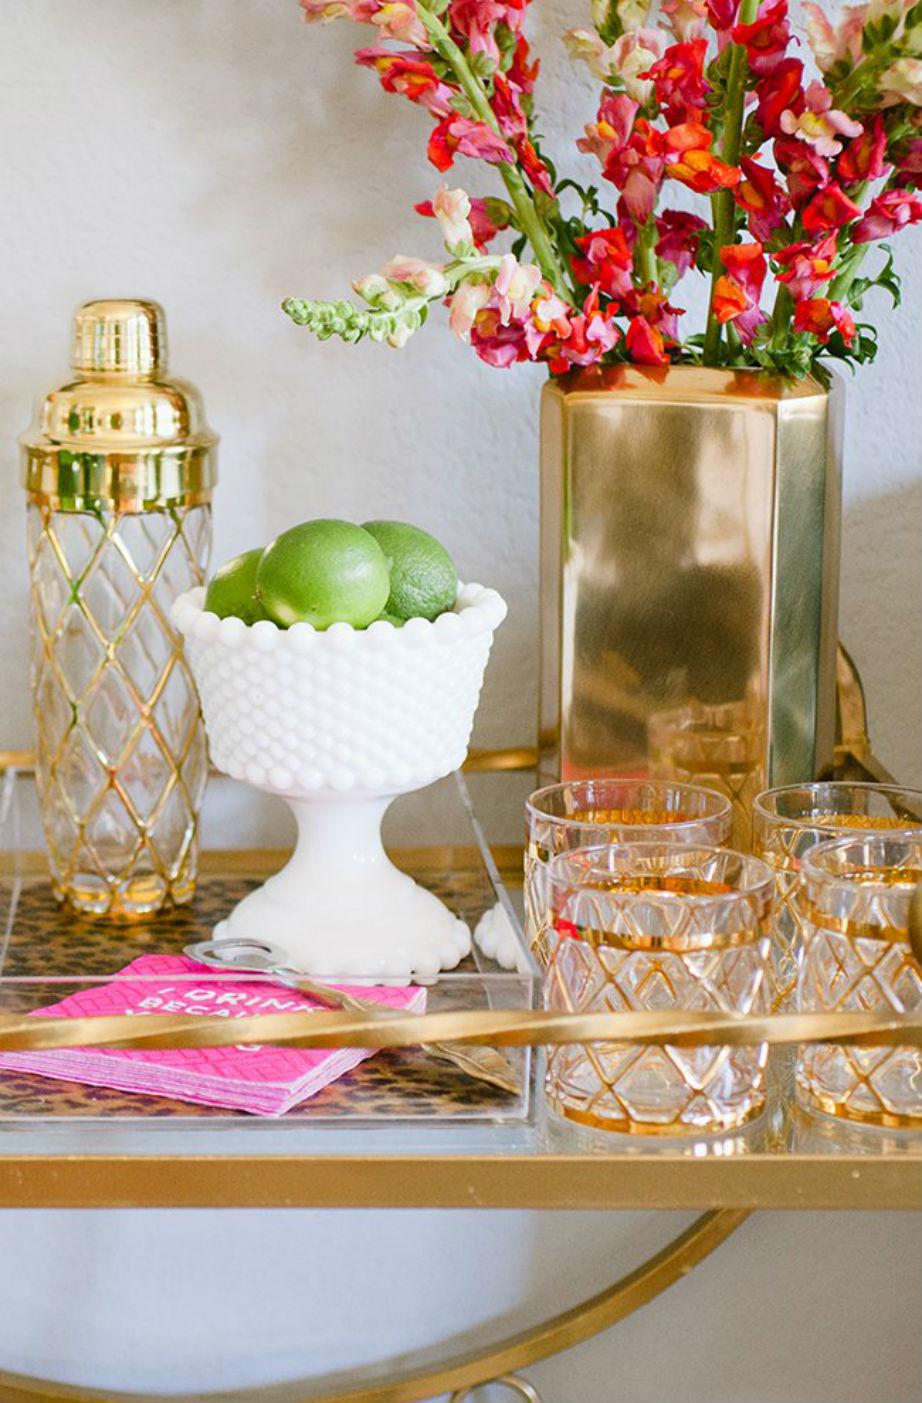 Το χρυσό έχει κεντρικό ρόλο στη διακόσμηση του σπιτιού.